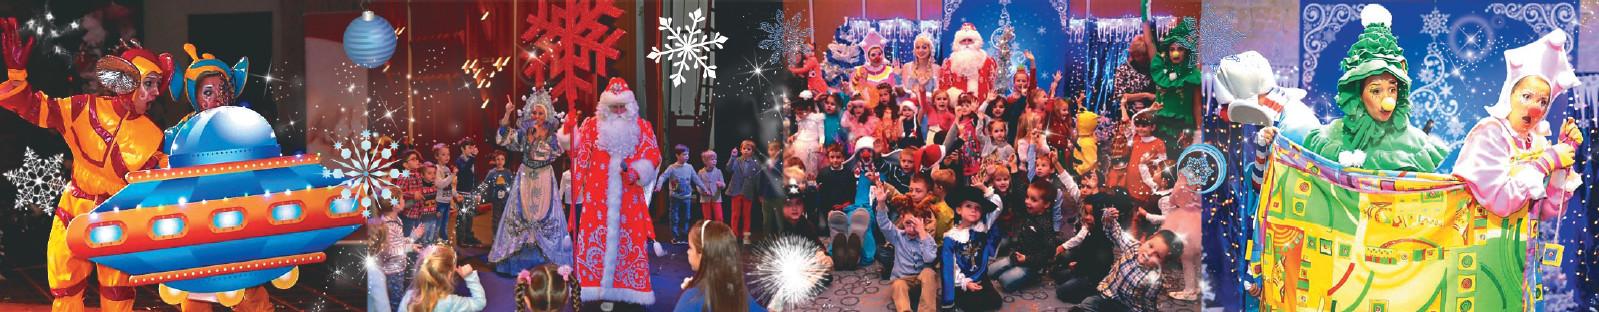 5 праздничных событий для детей - Вестник Кипра